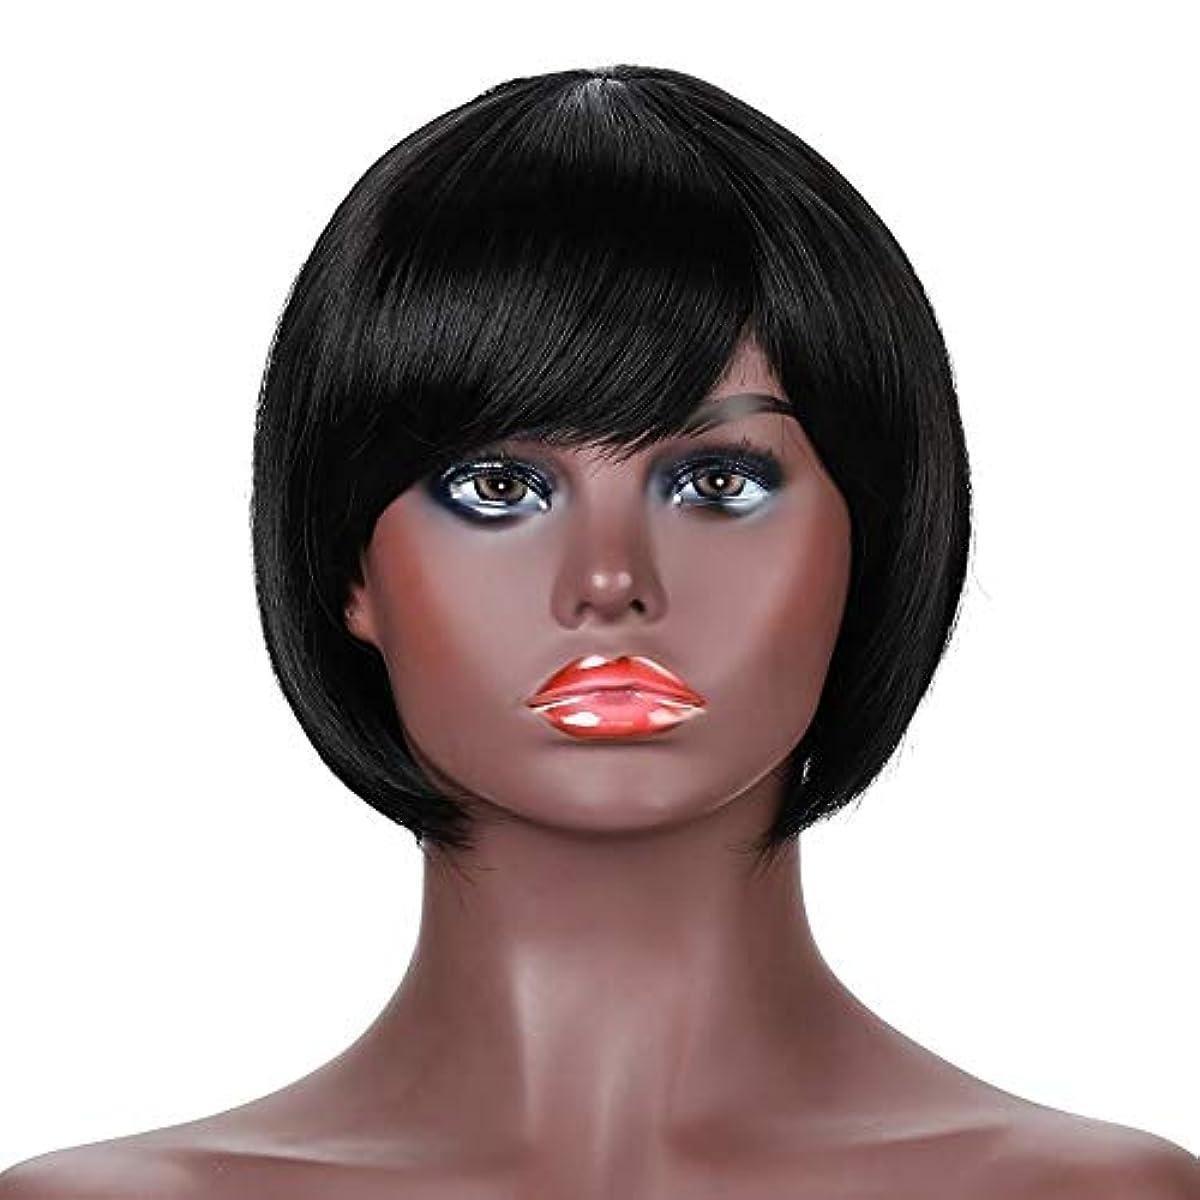 湿度資金里親女性用ナチュラルブラックショートカーリーヘアウィッグ前髪リアル人毛ウィッグ合成フルヘアウィッグ女性用ハロウィンコスプレパーティーウィッグ